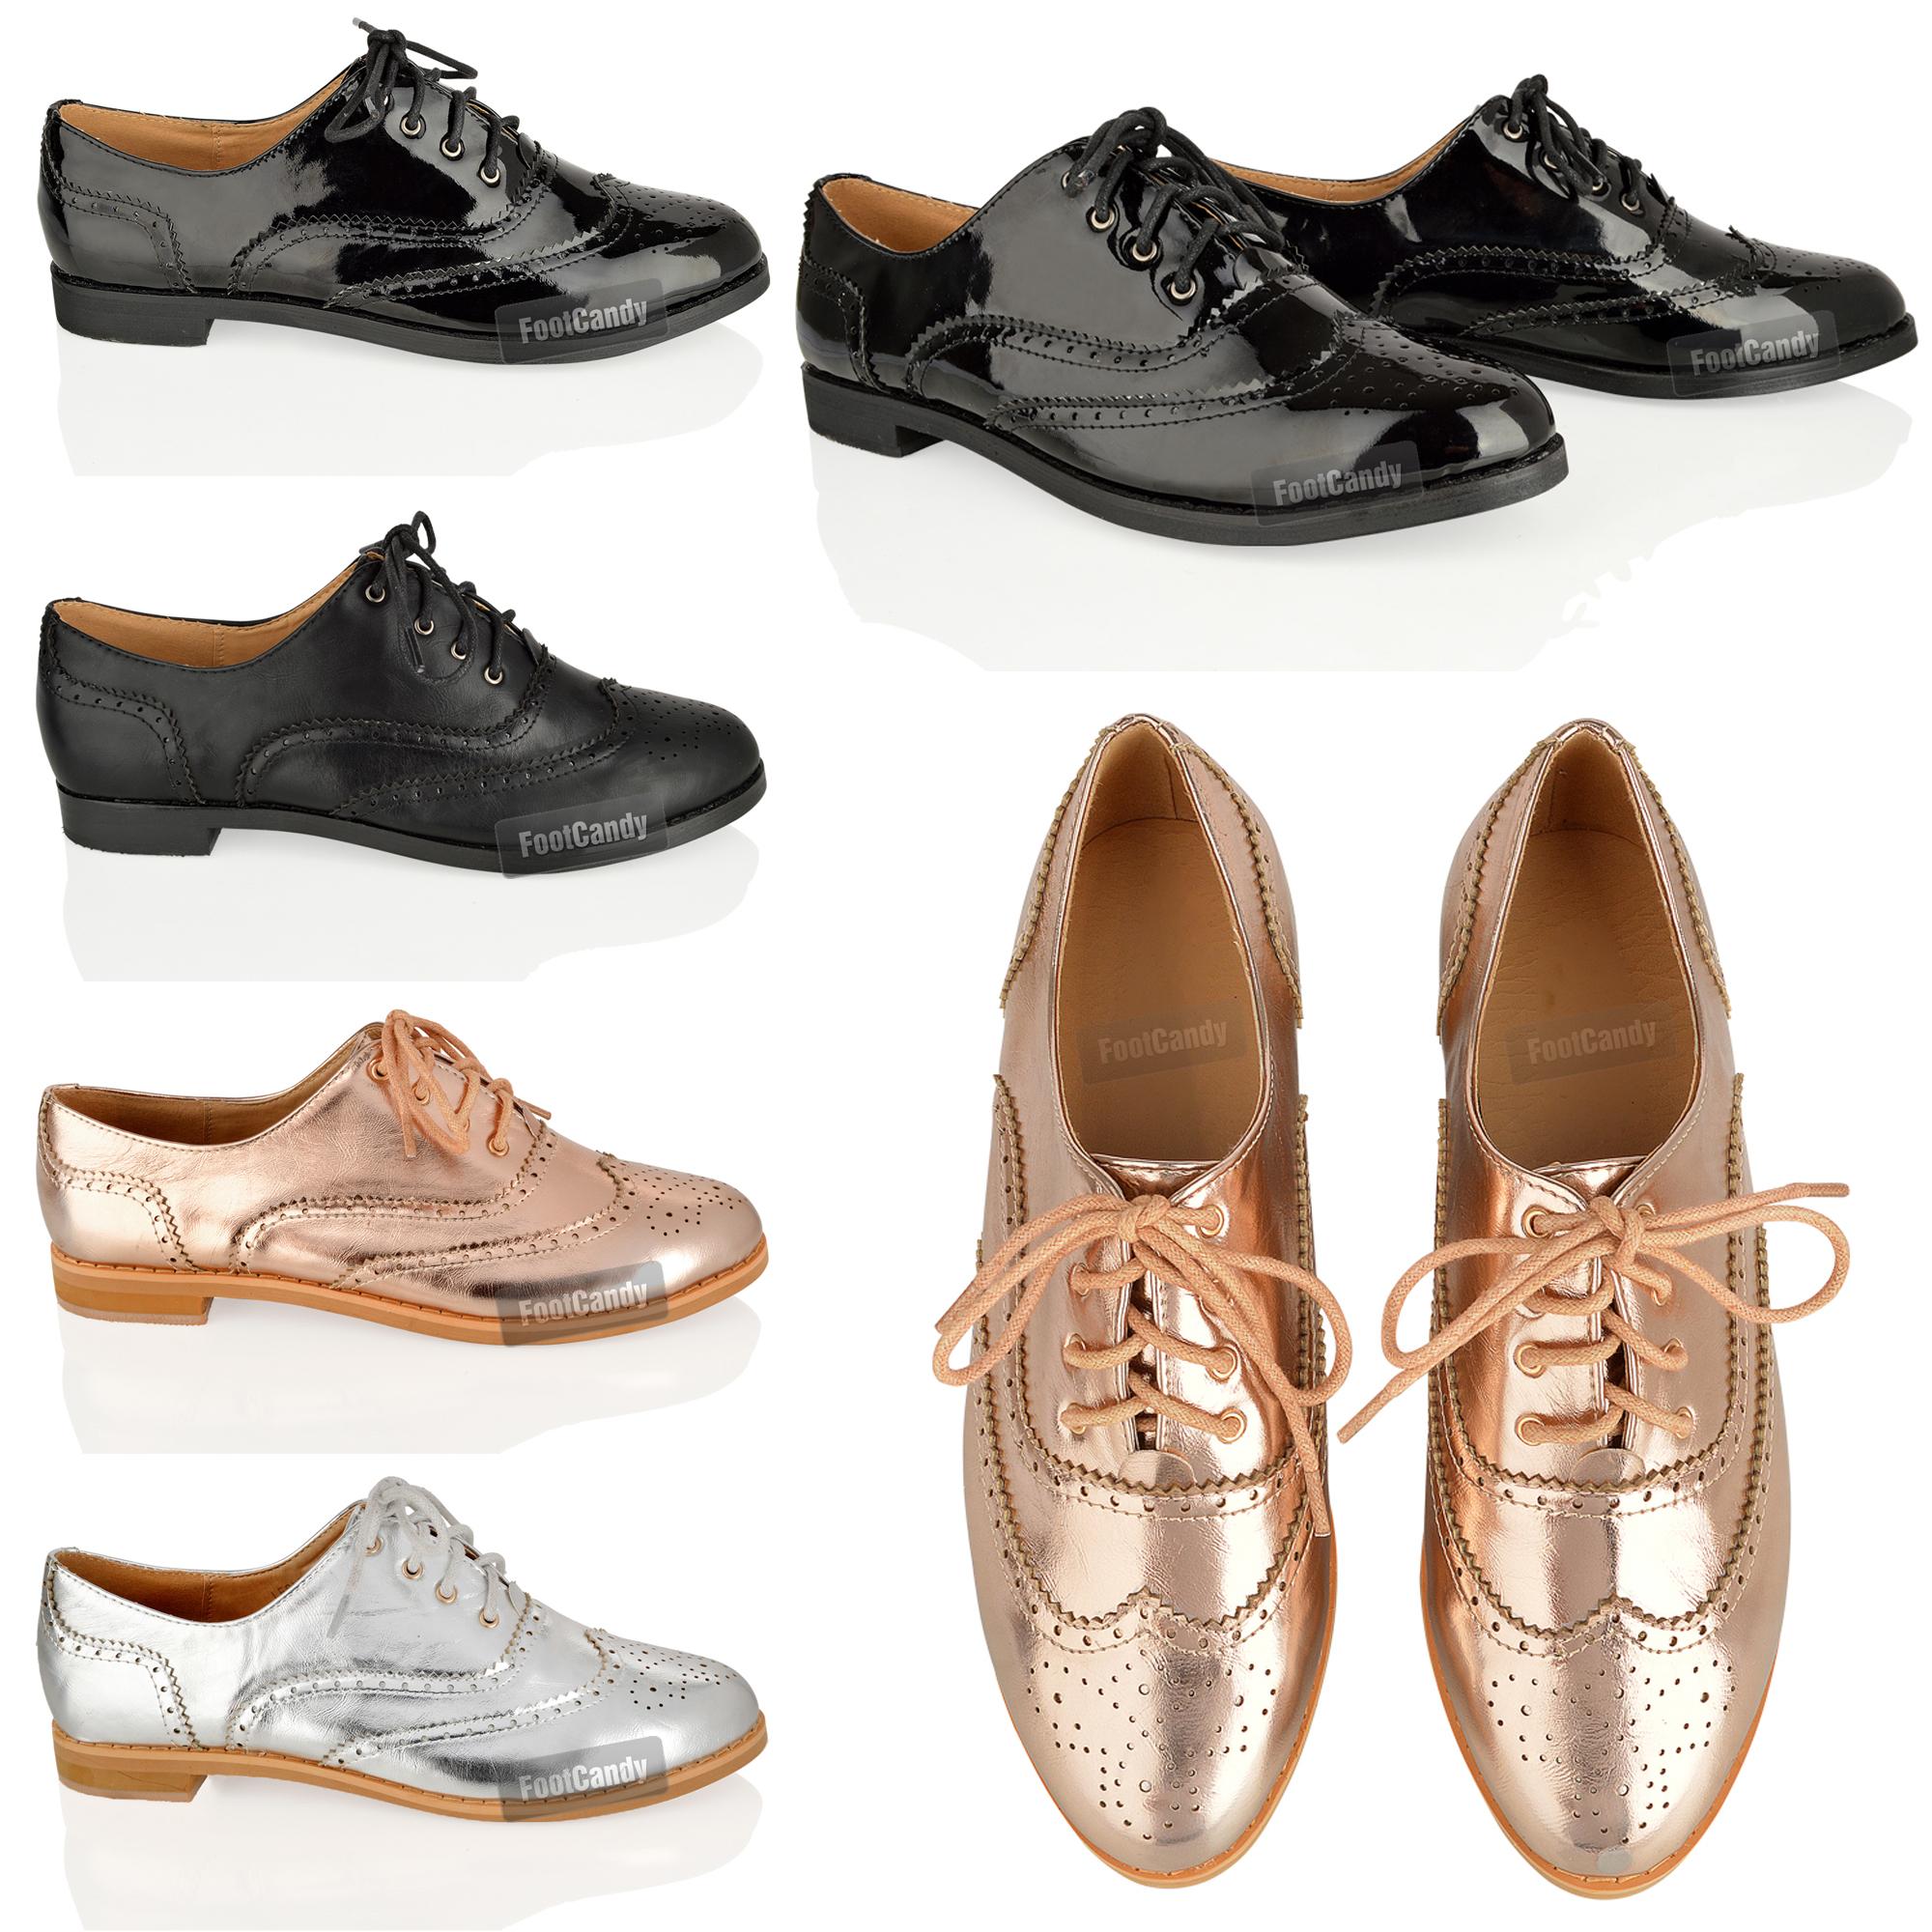 femme lacet plat sport habill e bureau vintage chaussure de ville richelieu noir ebay. Black Bedroom Furniture Sets. Home Design Ideas